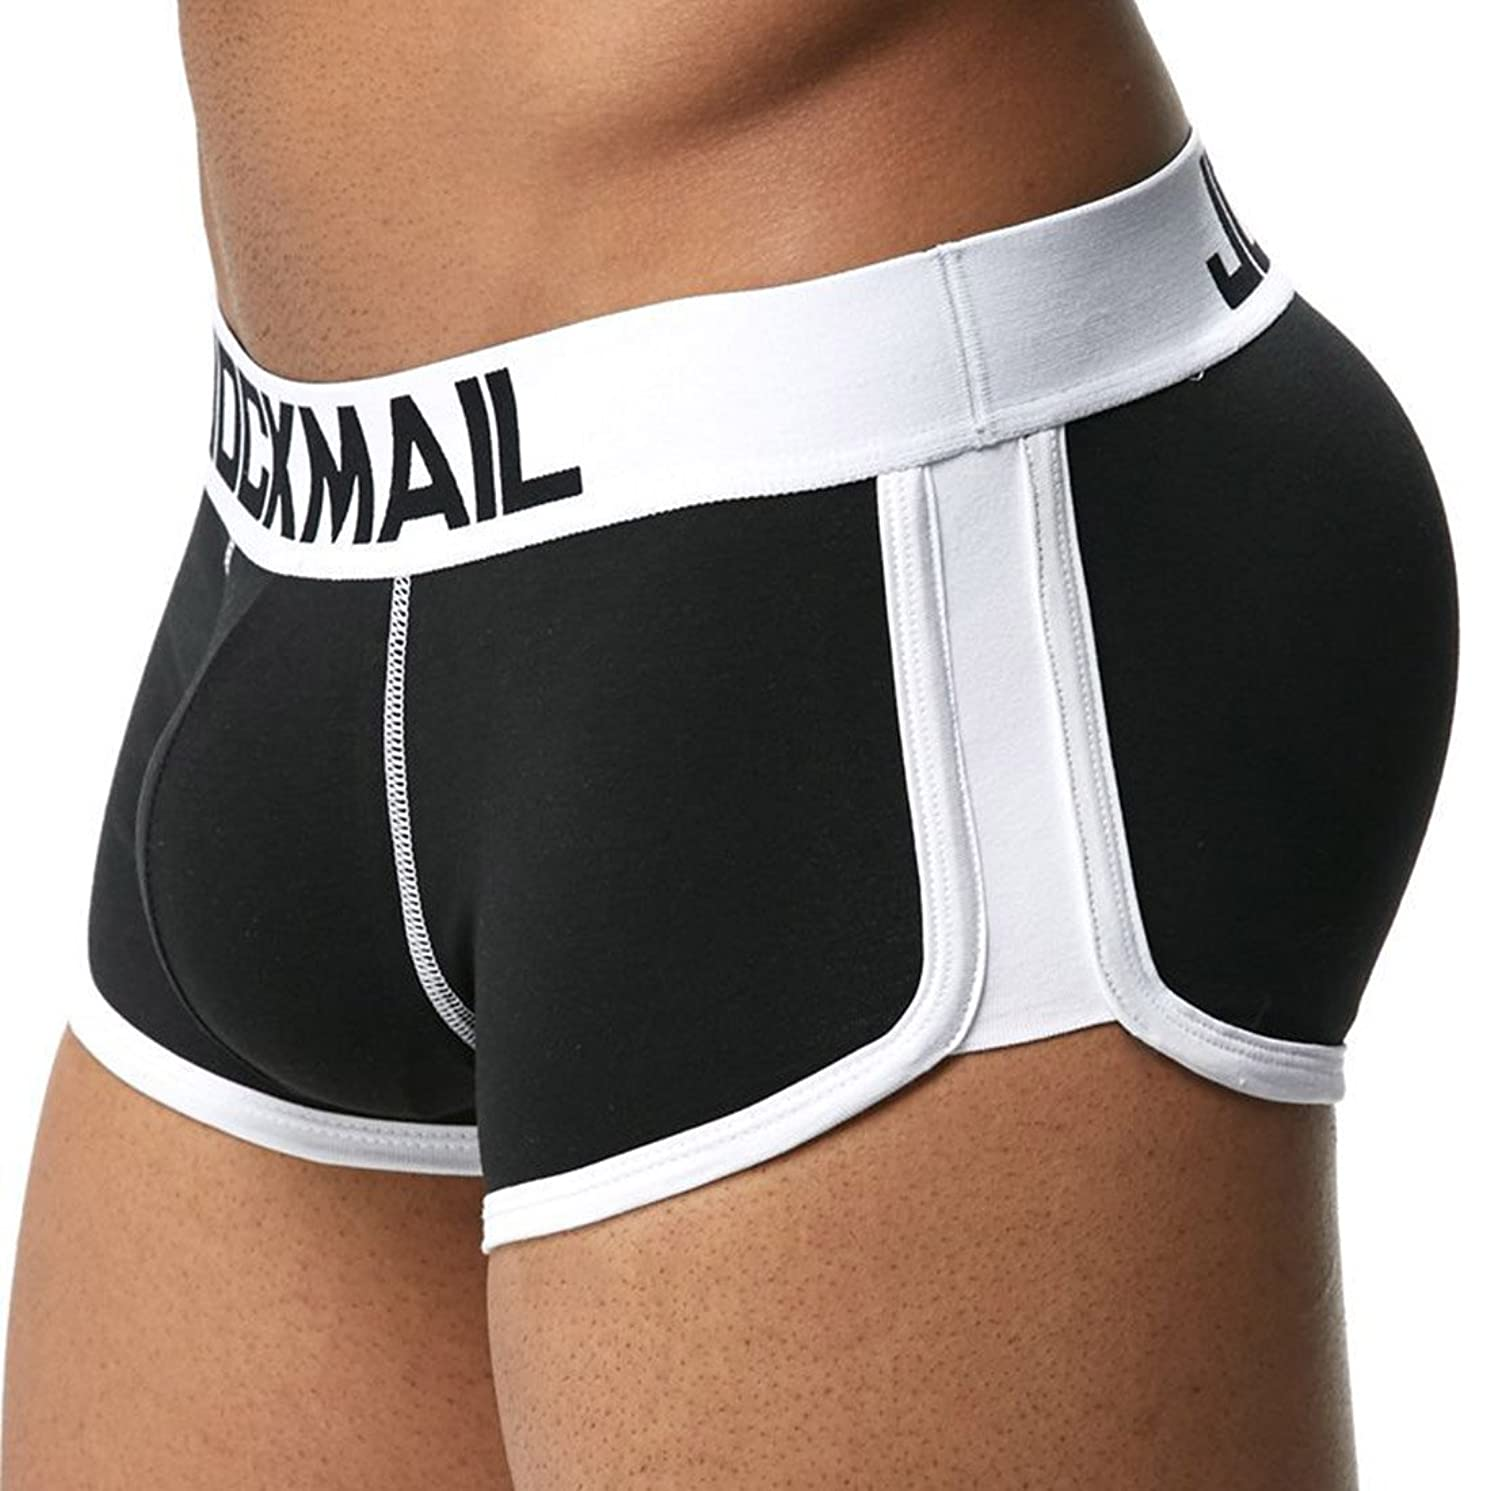 Jiyaru Men's Padded Boxer Brief Soft Cotton Hip-up Underwear Trunk